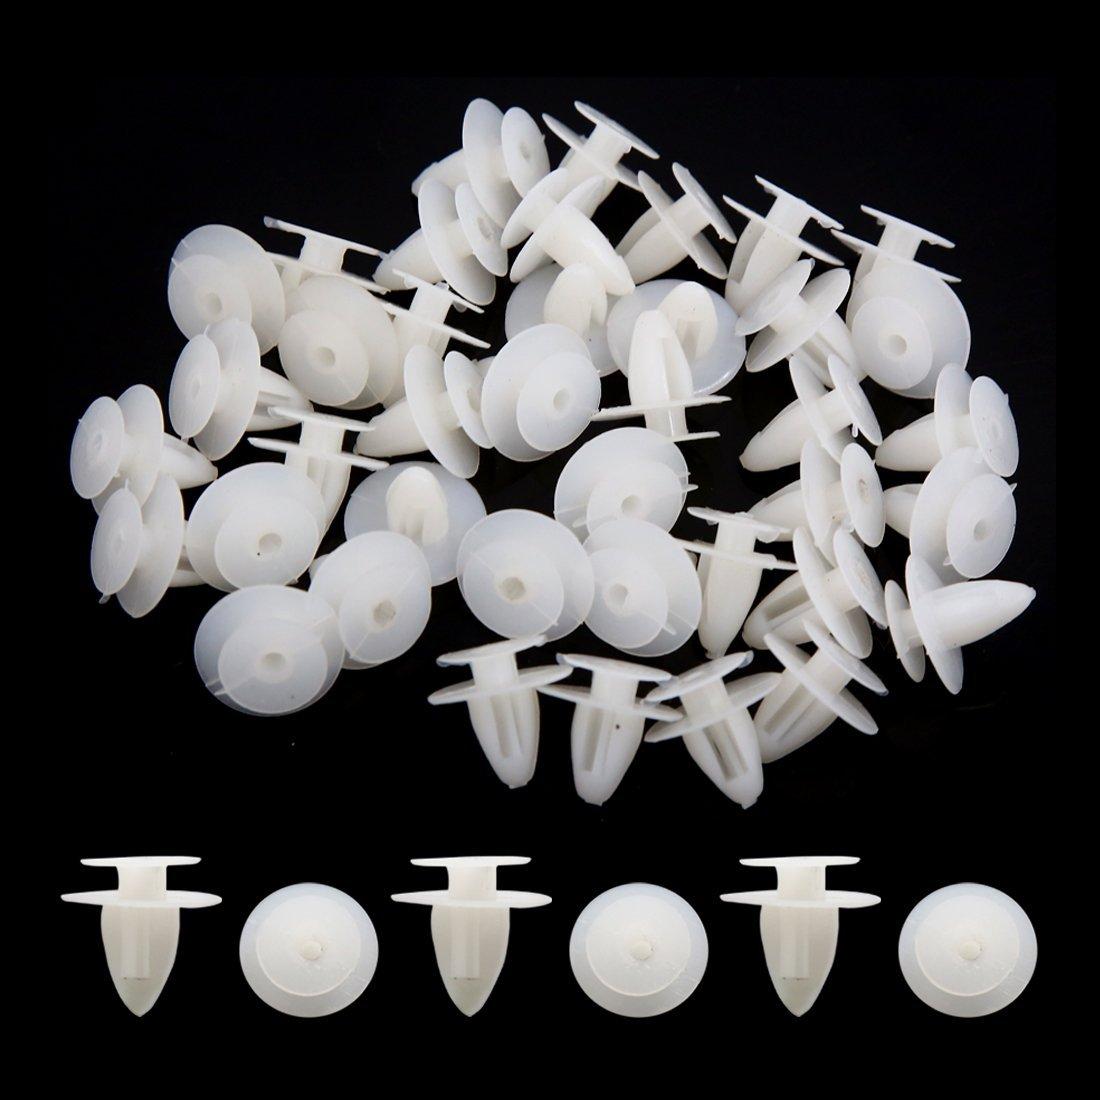 Amazon.com: eDealMax 40Pcs blancos remaches de plástico Sujetador Fender pegatina de Clips de empuje 9 mm Para el coche: Automotive